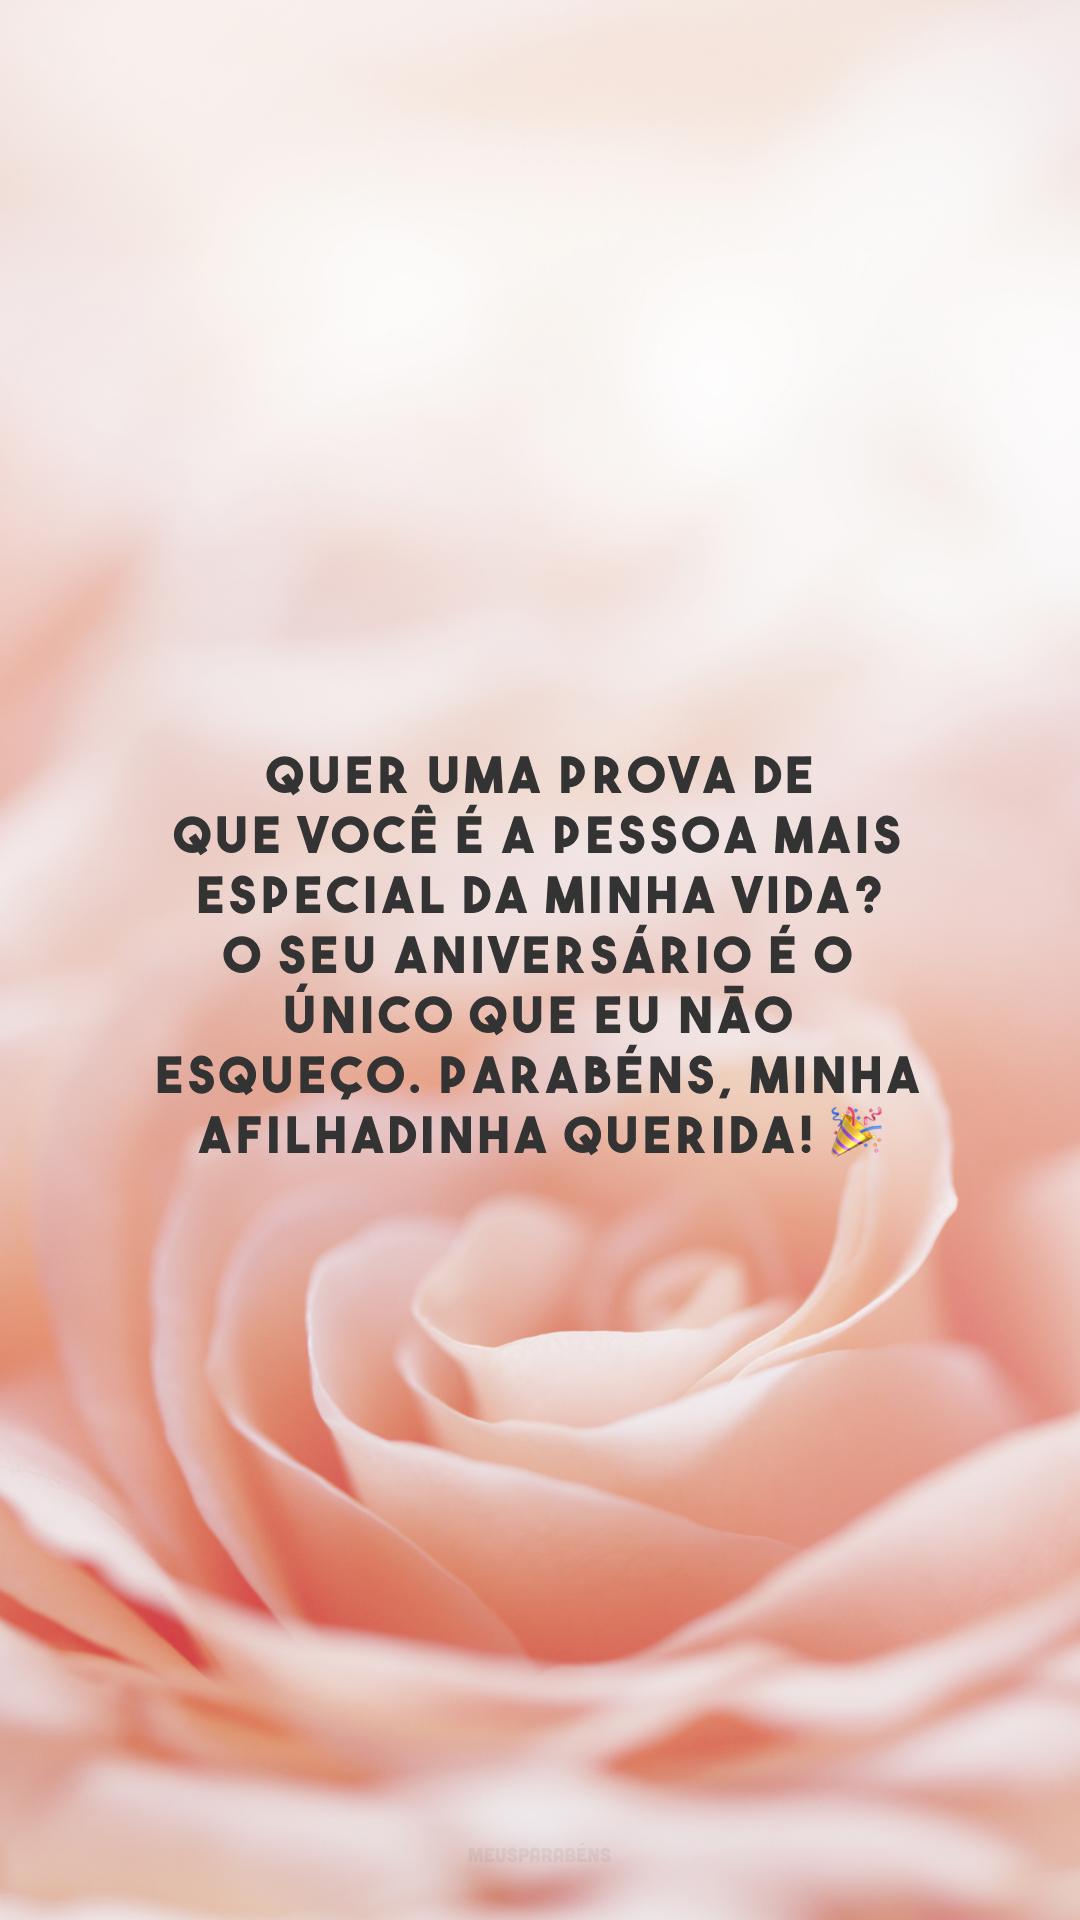 Quer uma prova de que você é a pessoa mais especial da minha vida? O seu aniversário é o único que eu não esqueço. Parabéns, minha afilhadinha querida! 🎉